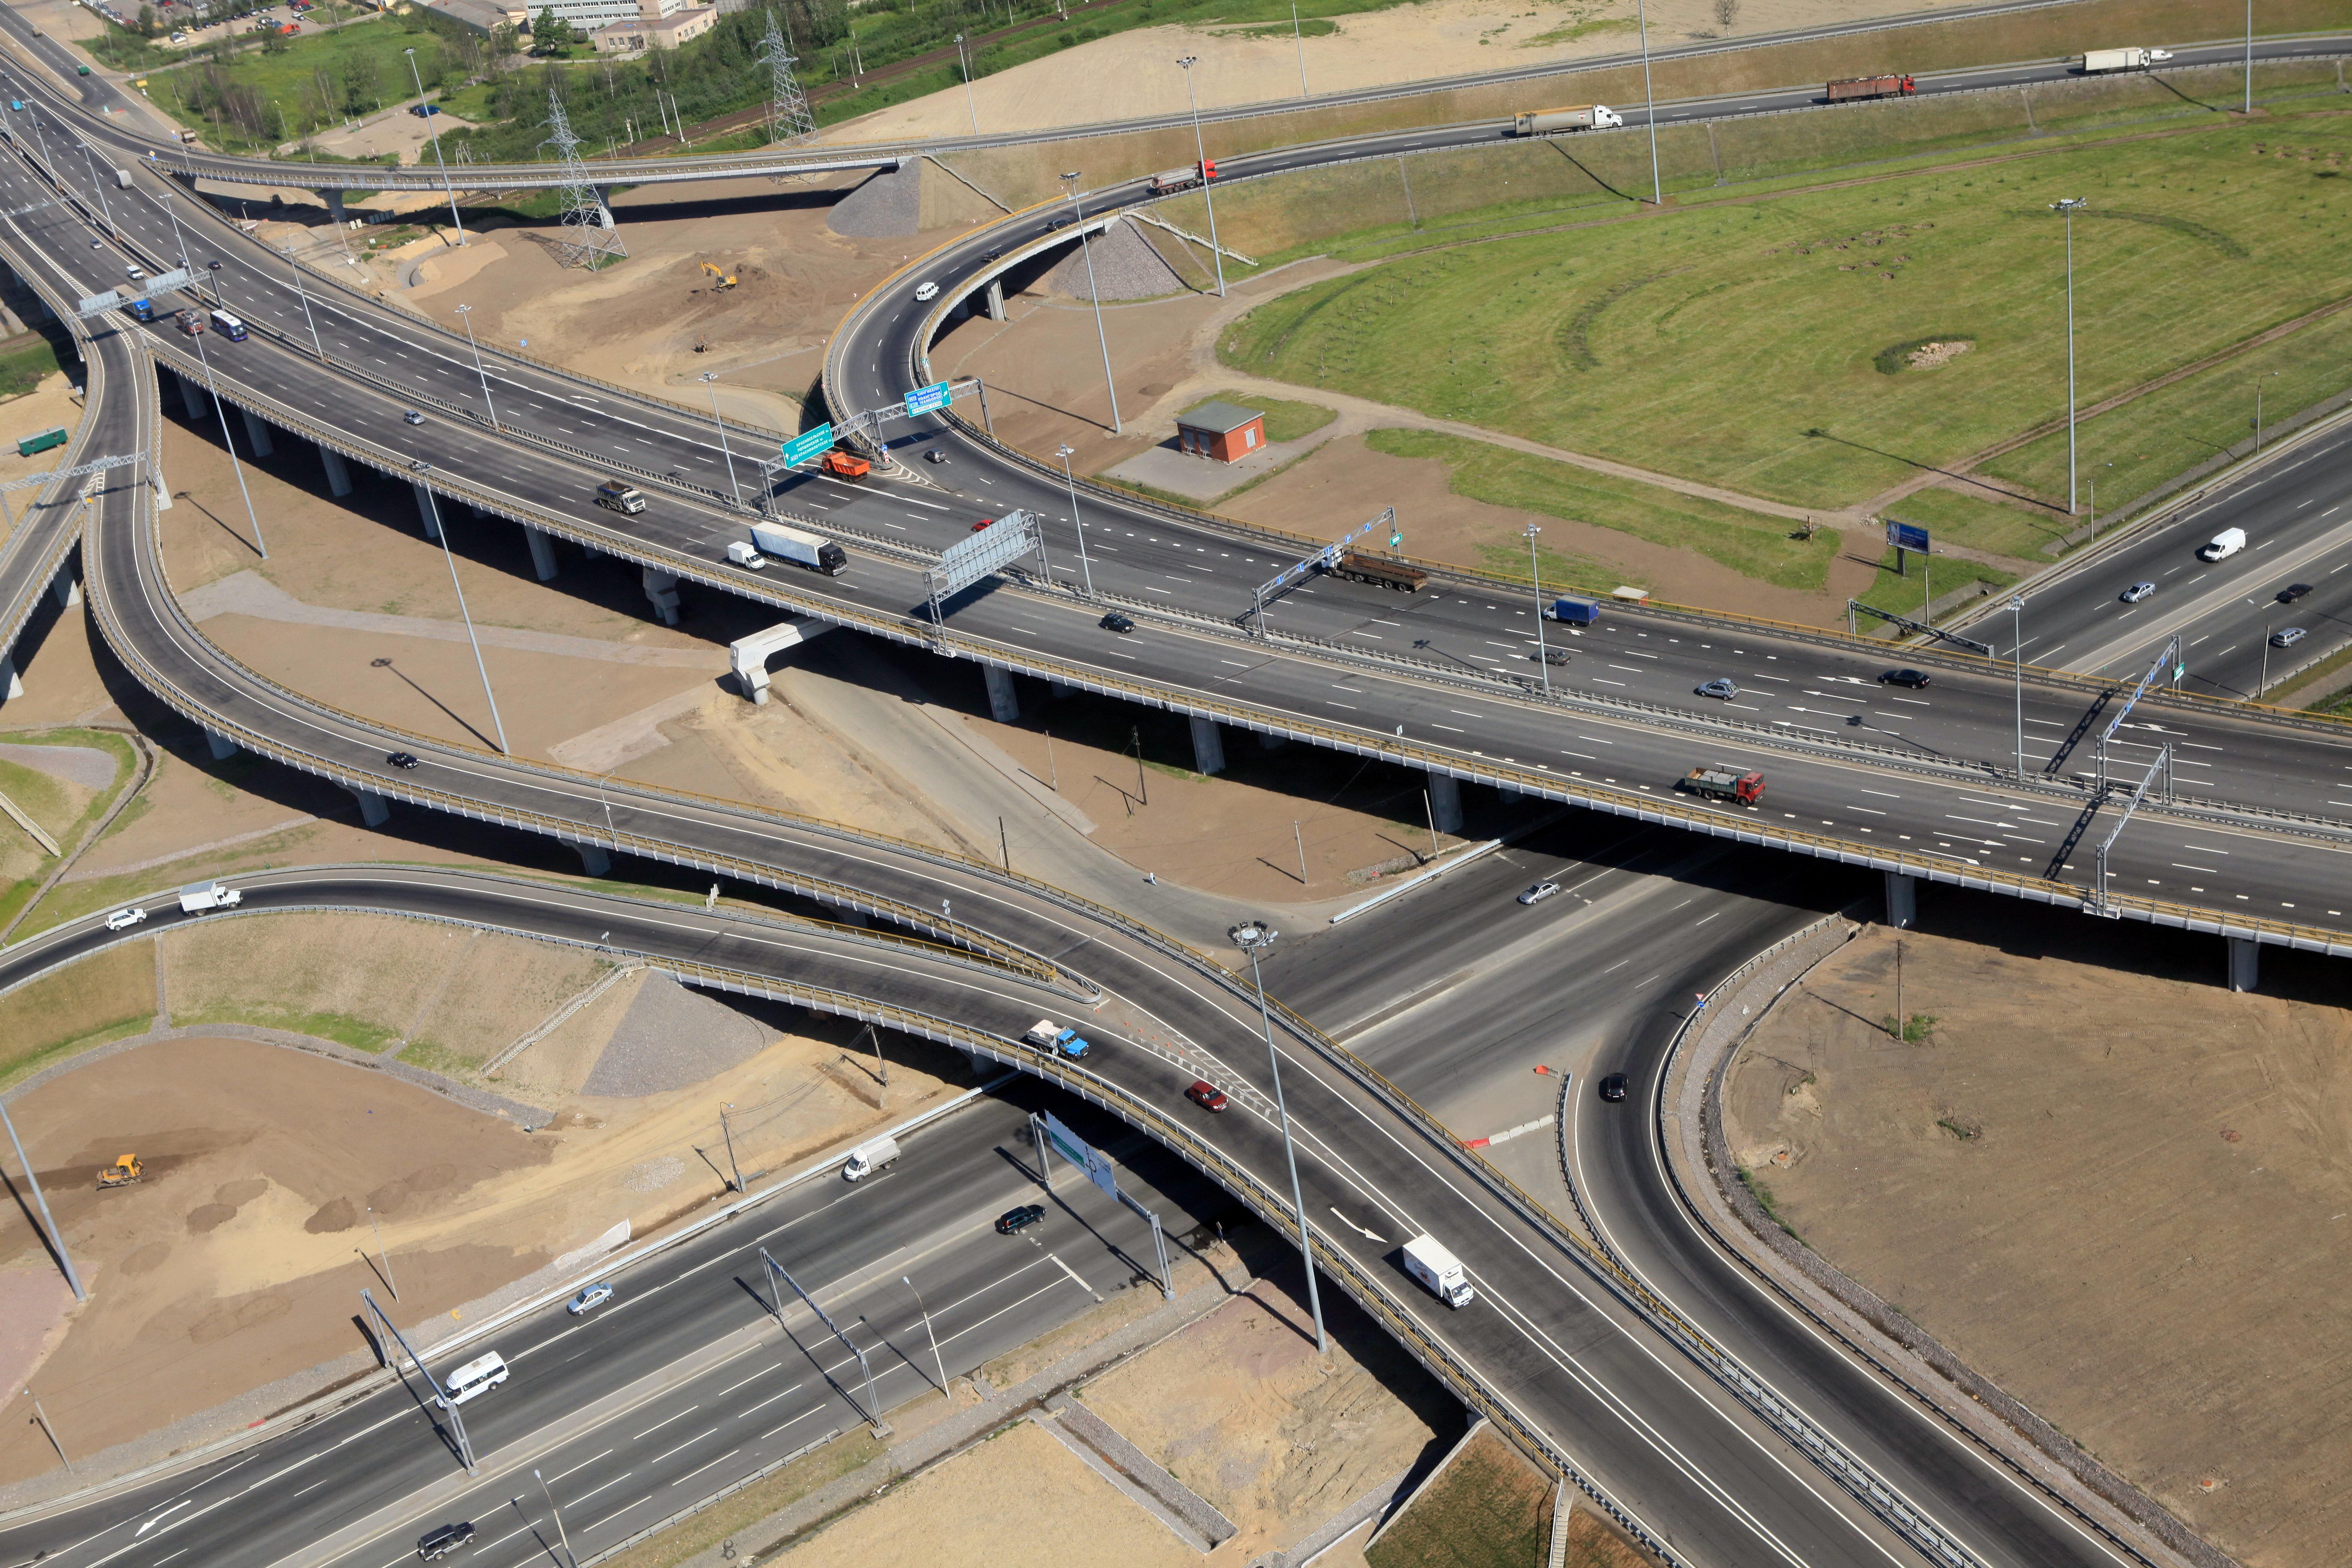 Под КАД построят дорогу, чтобы можно было подъехать к жилым кварталам.